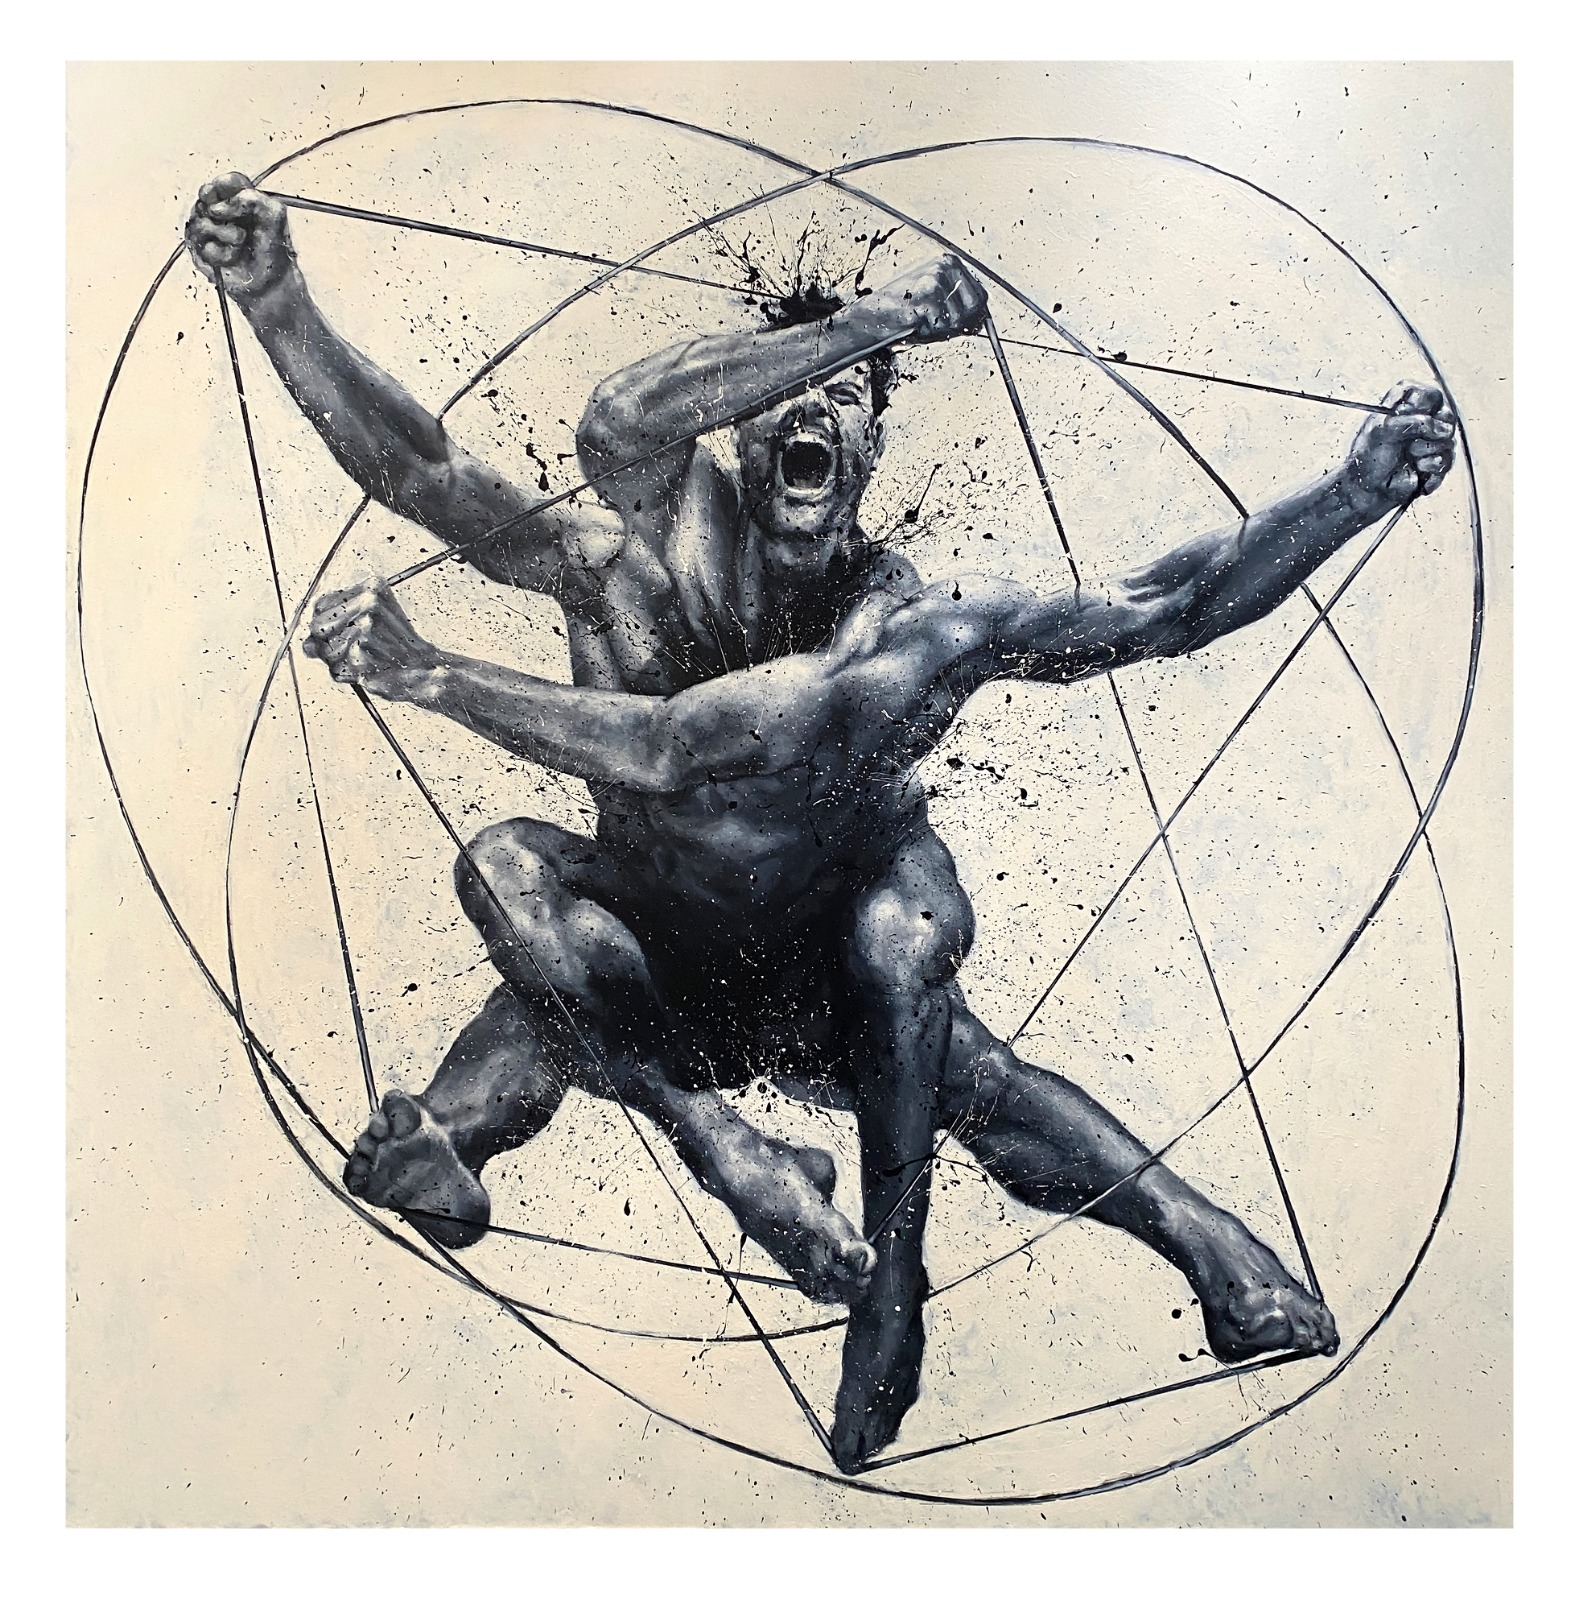 Paulo Troilo - Vitruvian Man